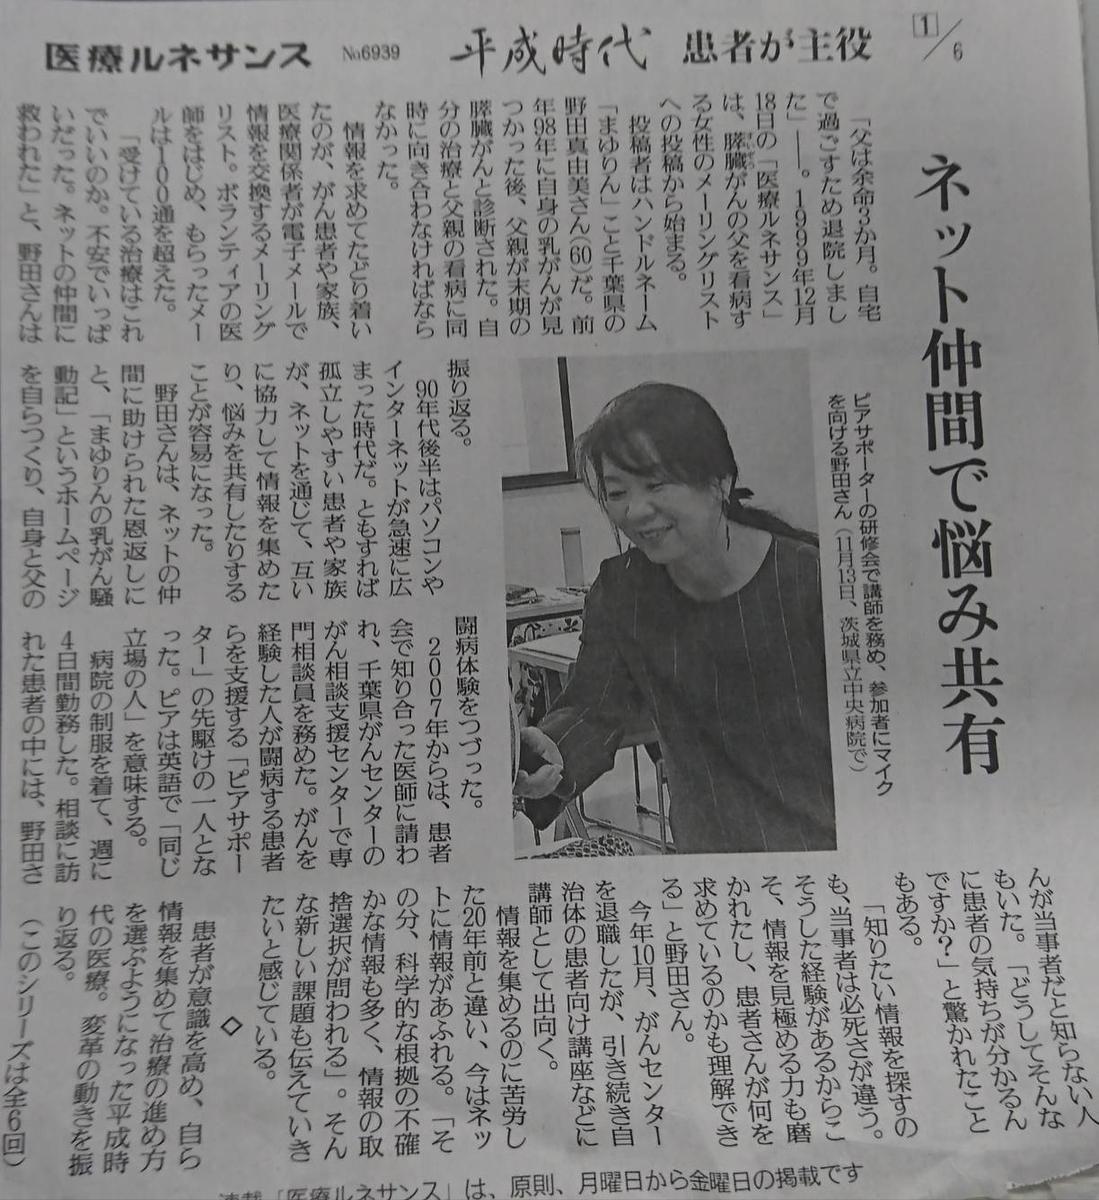 f:id:kazura-kobayashi:20200313104537j:plain